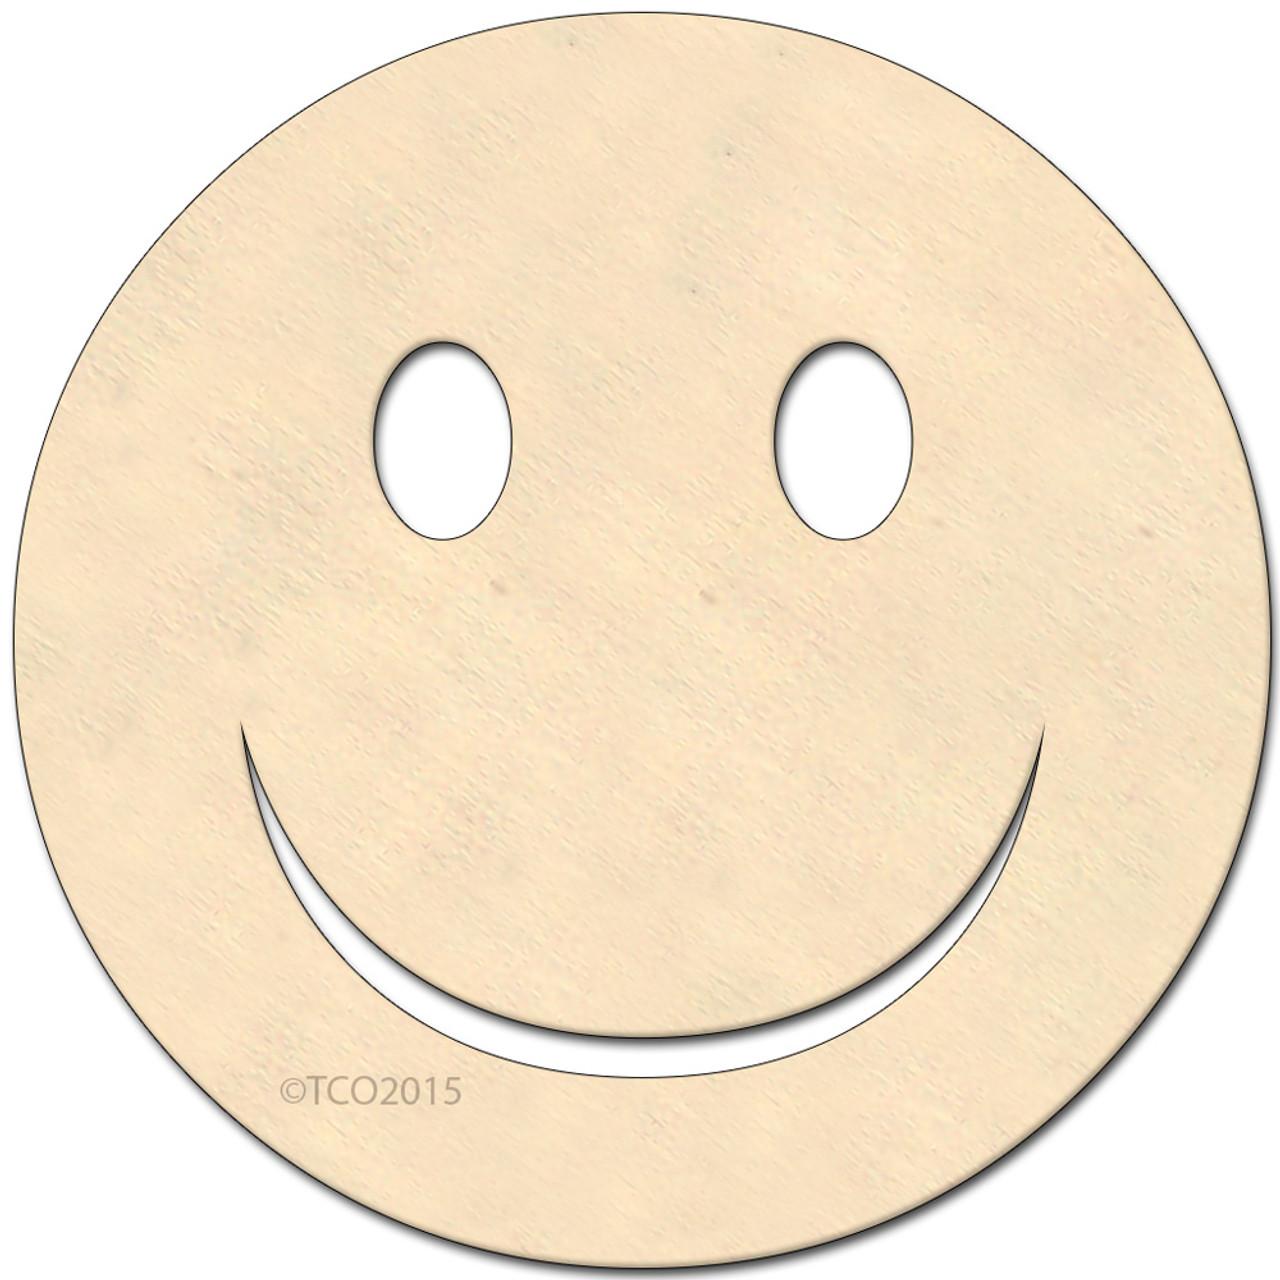 Wooden shape 4 in happy face emoji emoji shape happy face symbol wooden shape 4 in happy face emoji emoji shape happy face biocorpaavc Gallery